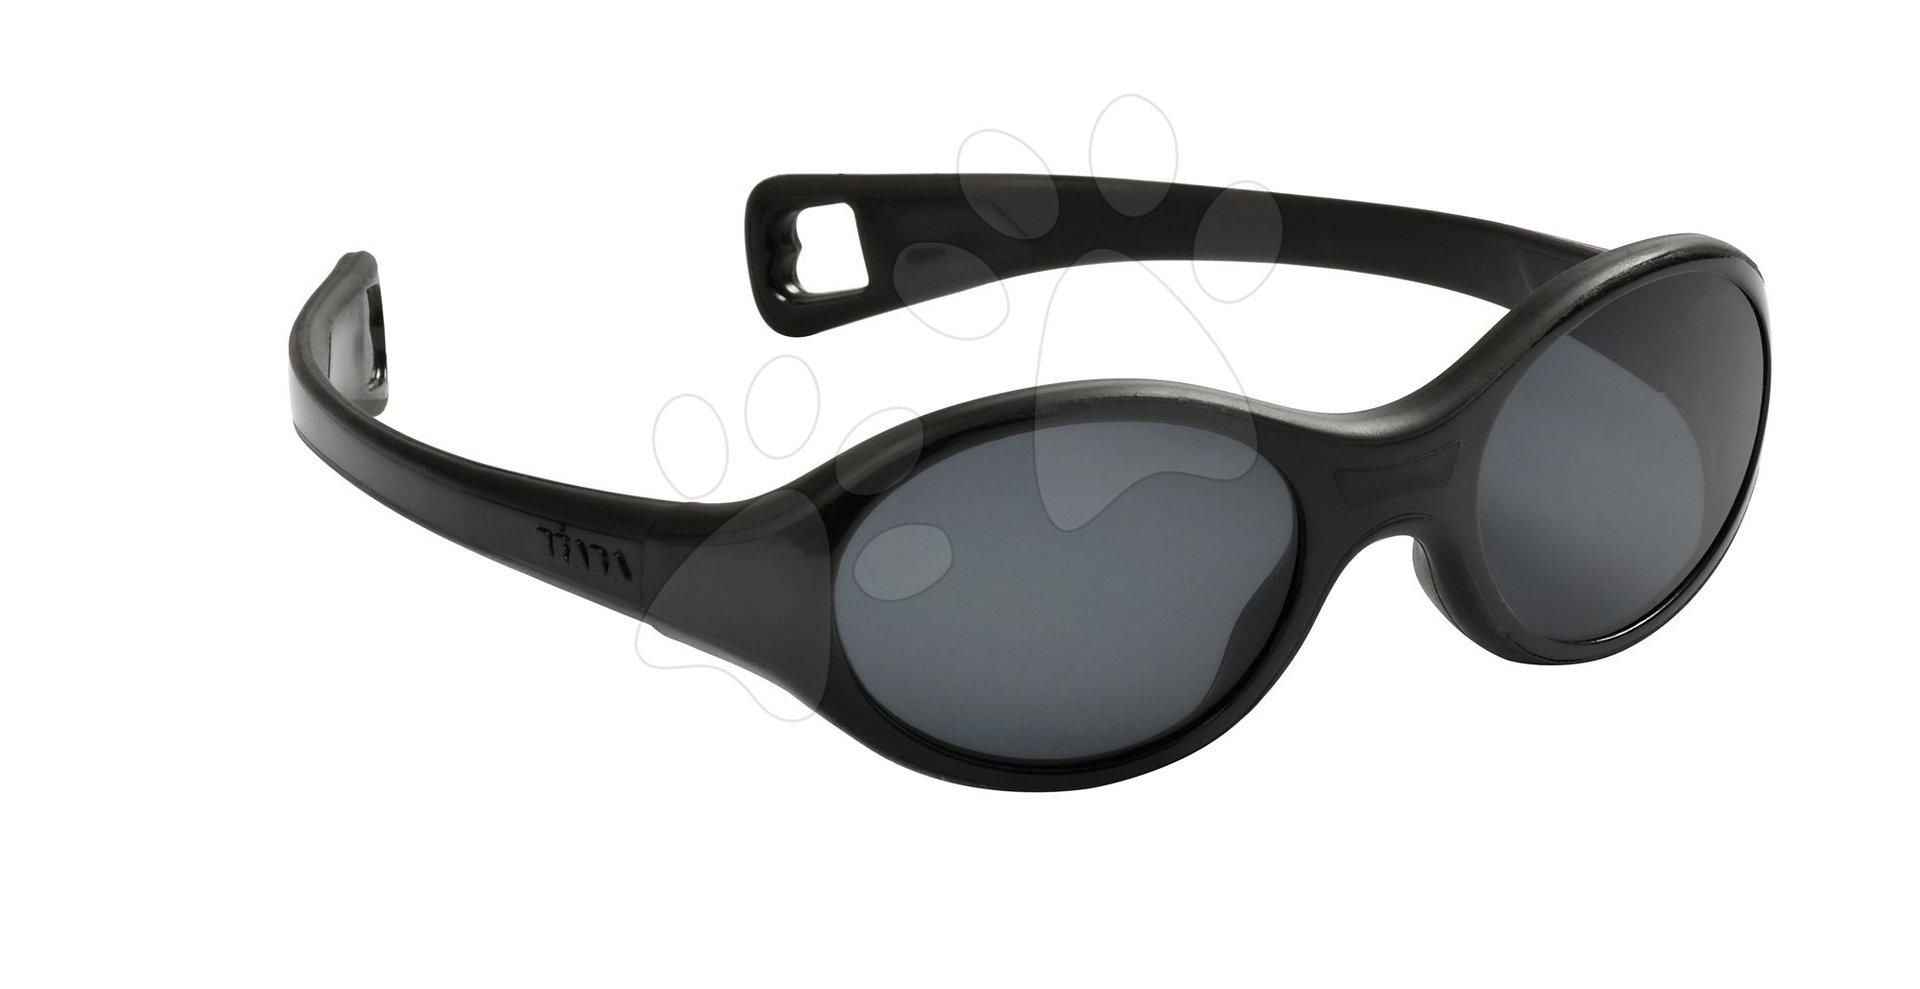 new-items Detské slnečné okuliare Beaba Kids M Black od 12 mesiacov UV 3  čierne BE930289 707b32a83b